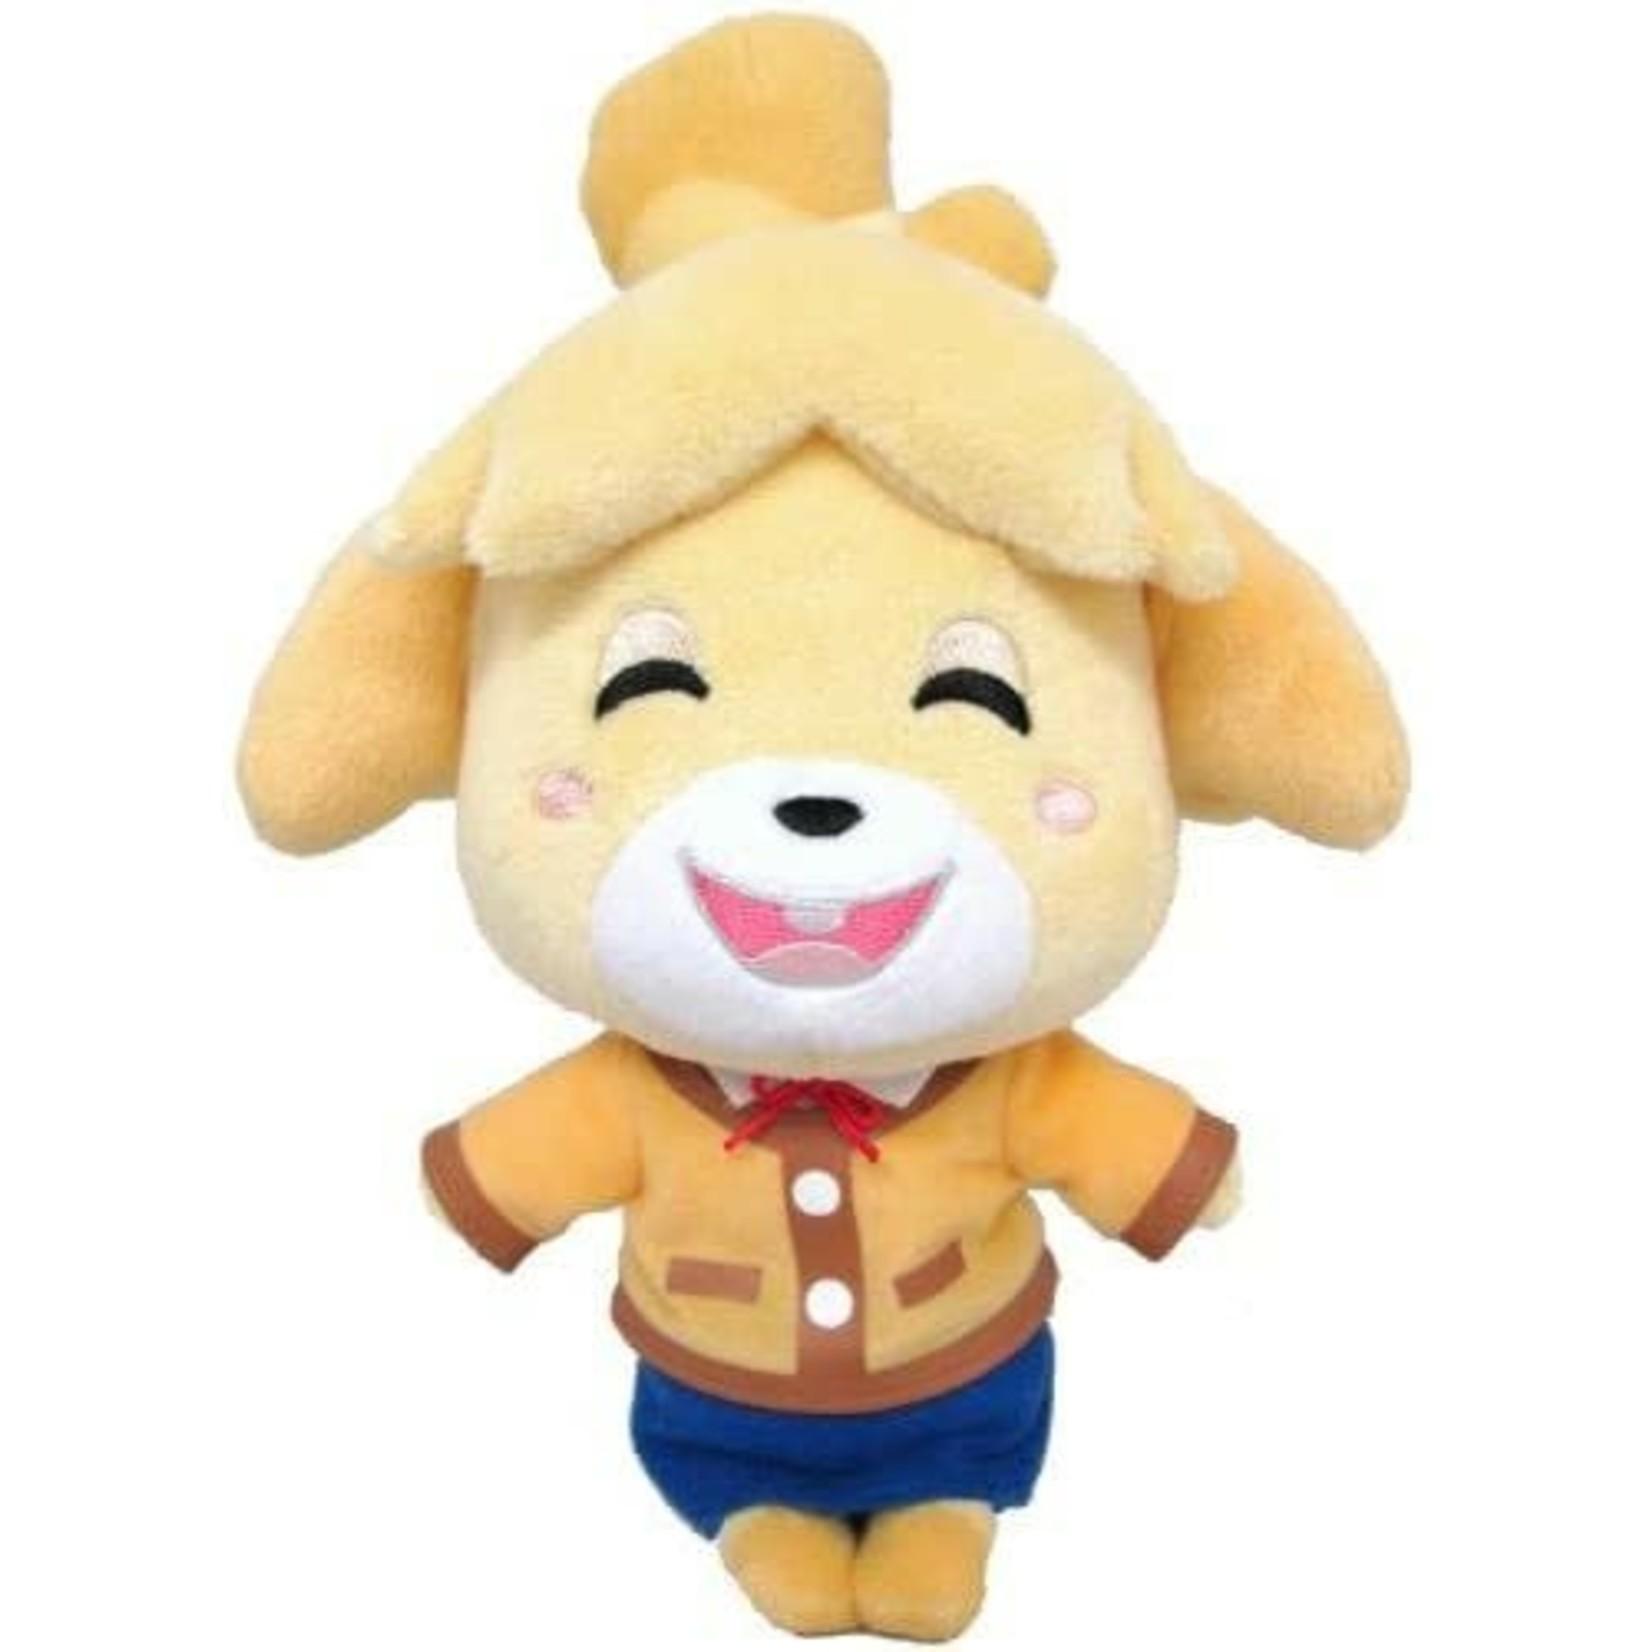 Animal Crossing Isabel(smile) PLush